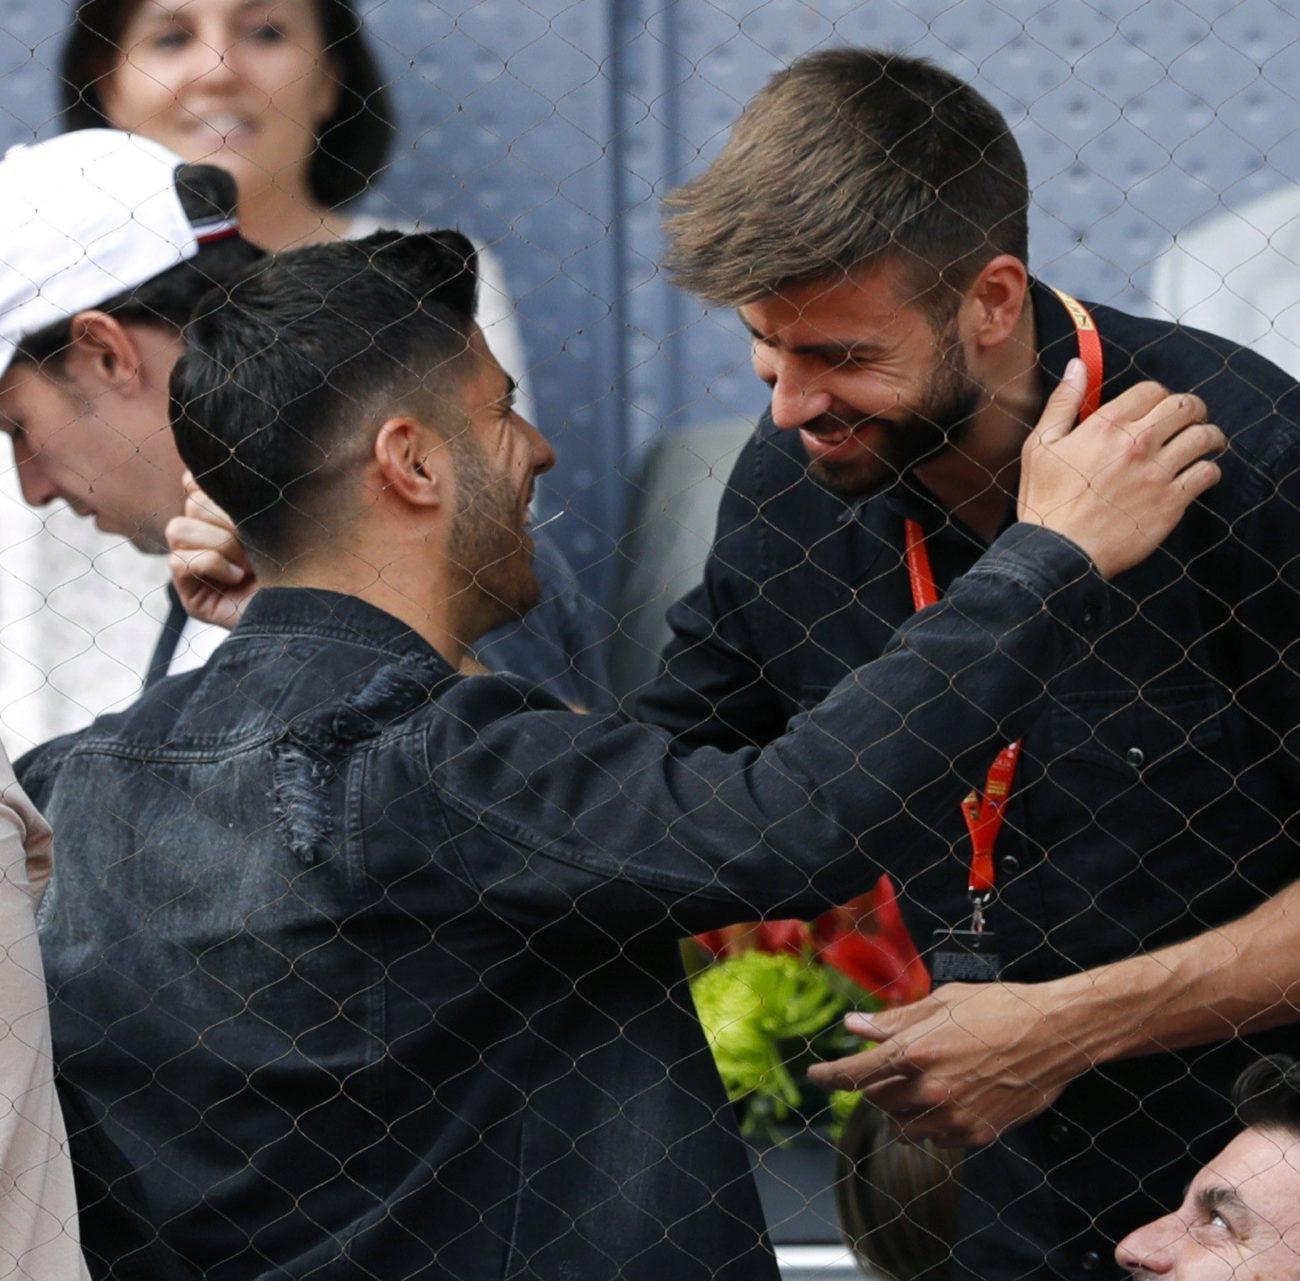 尴尬!皮克和皇马小将看网球 被央视解说误认是劳尔